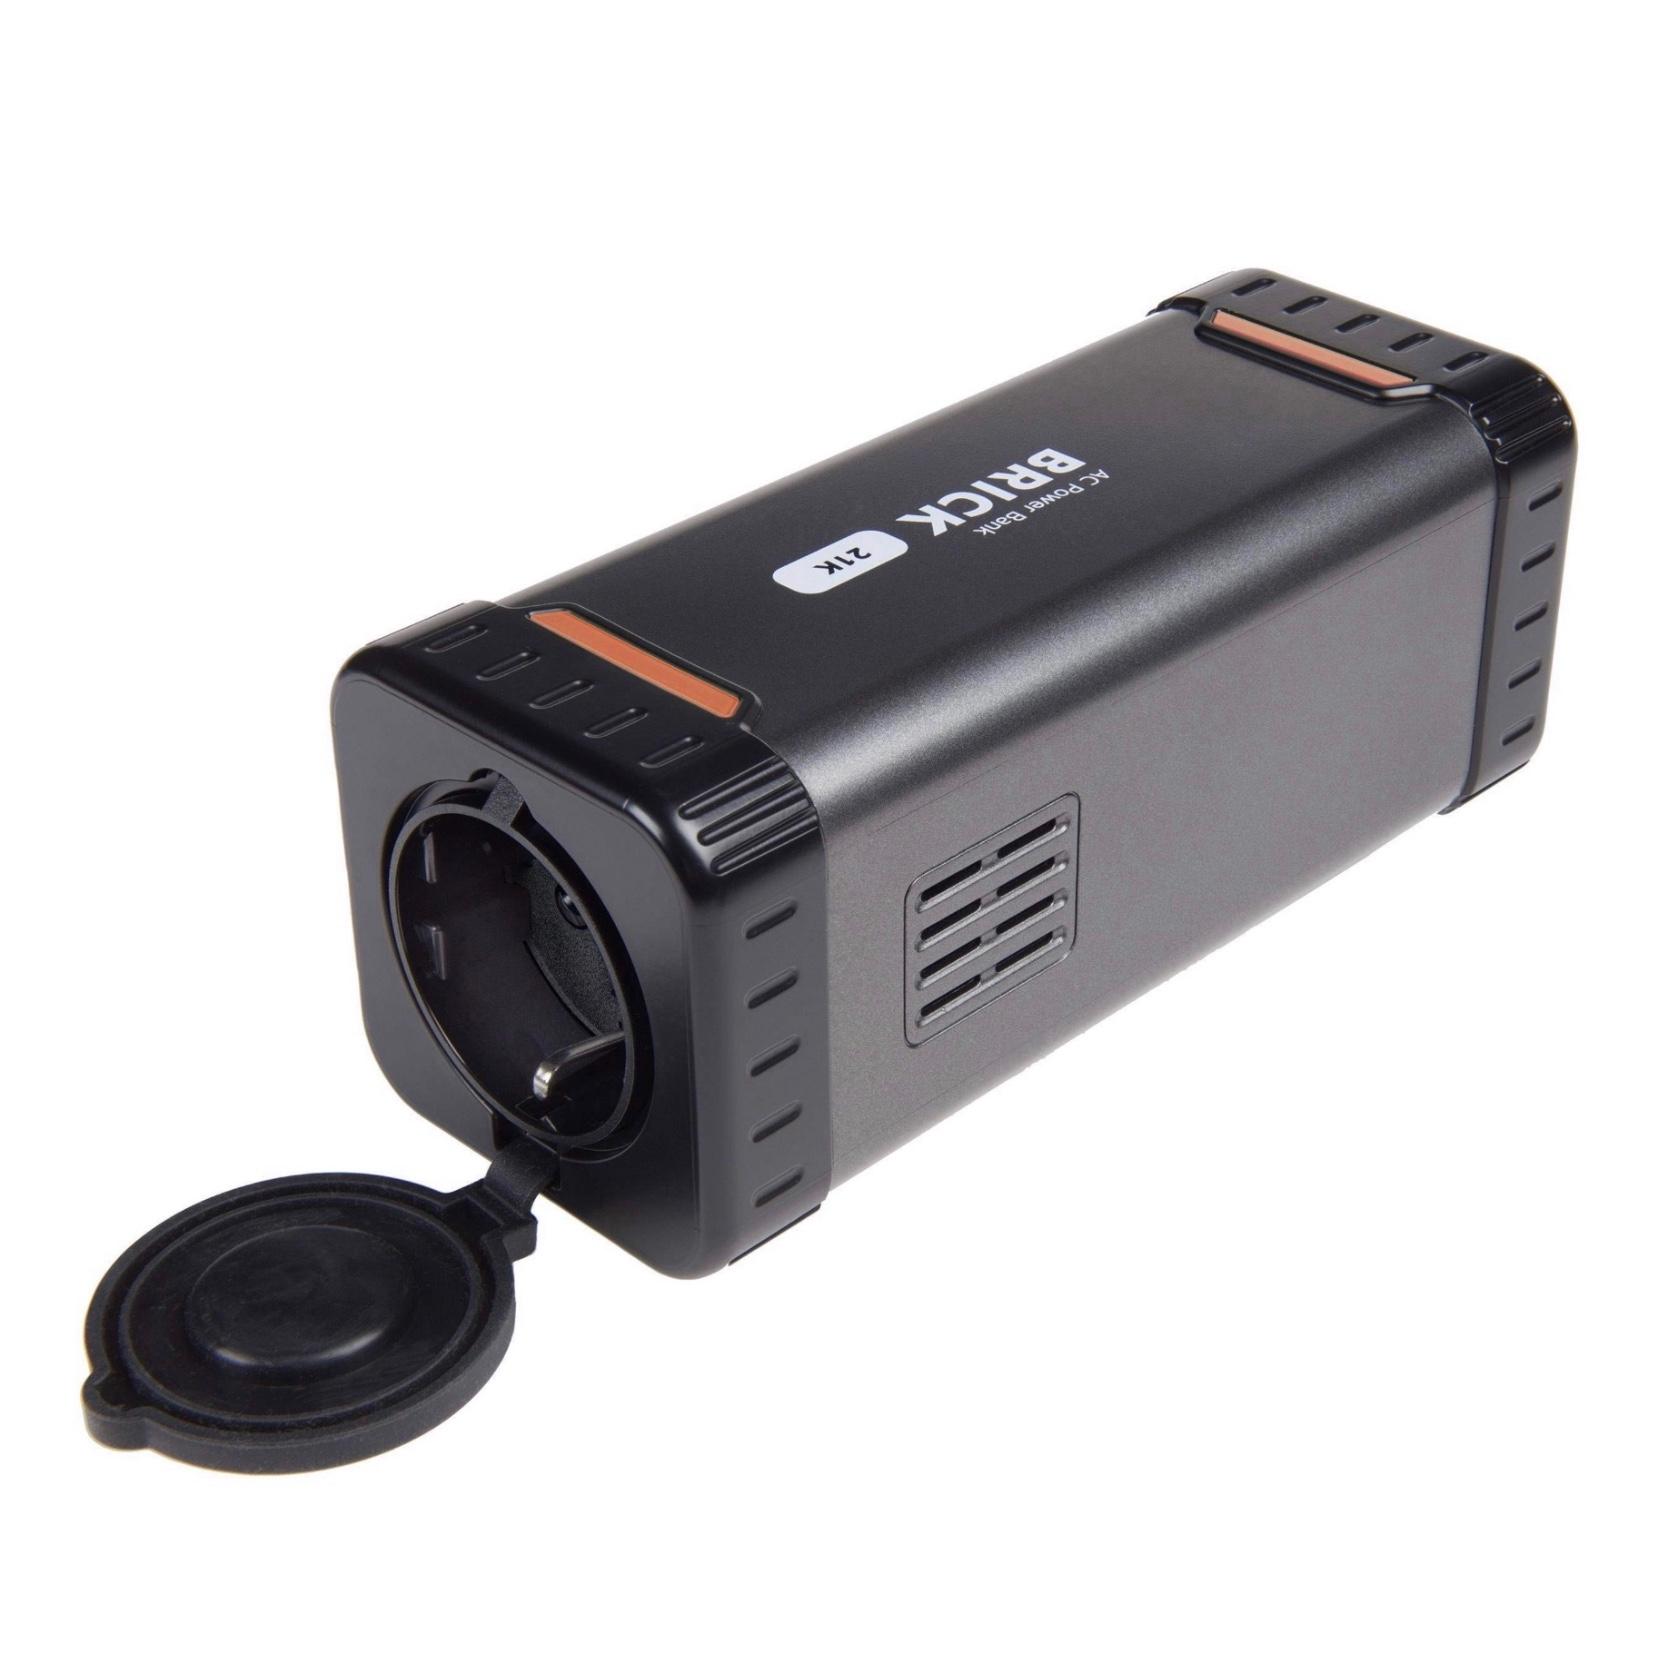 Batterie Professionnelle 220V Power Brick 21000 mAh 220V et 2 Ports USB et USB-C